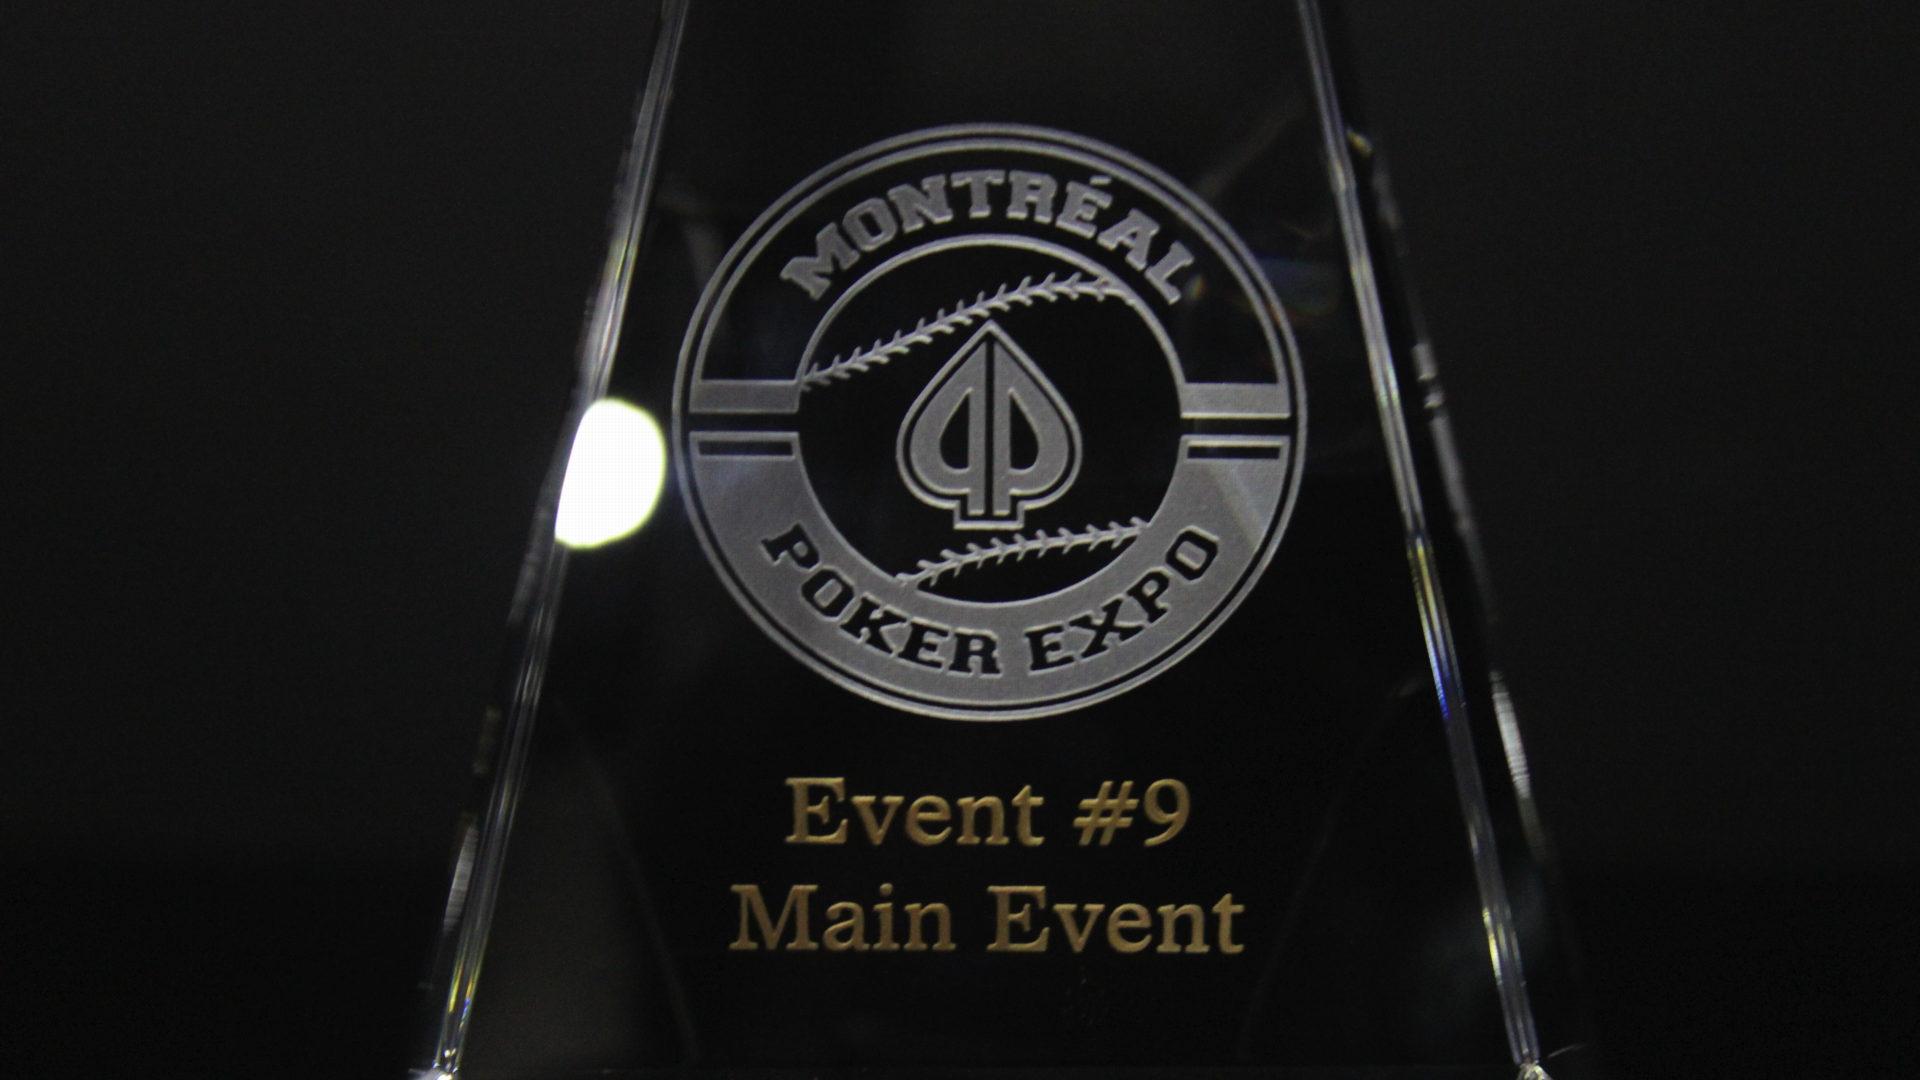 Montréal Poker Expo Trophies!